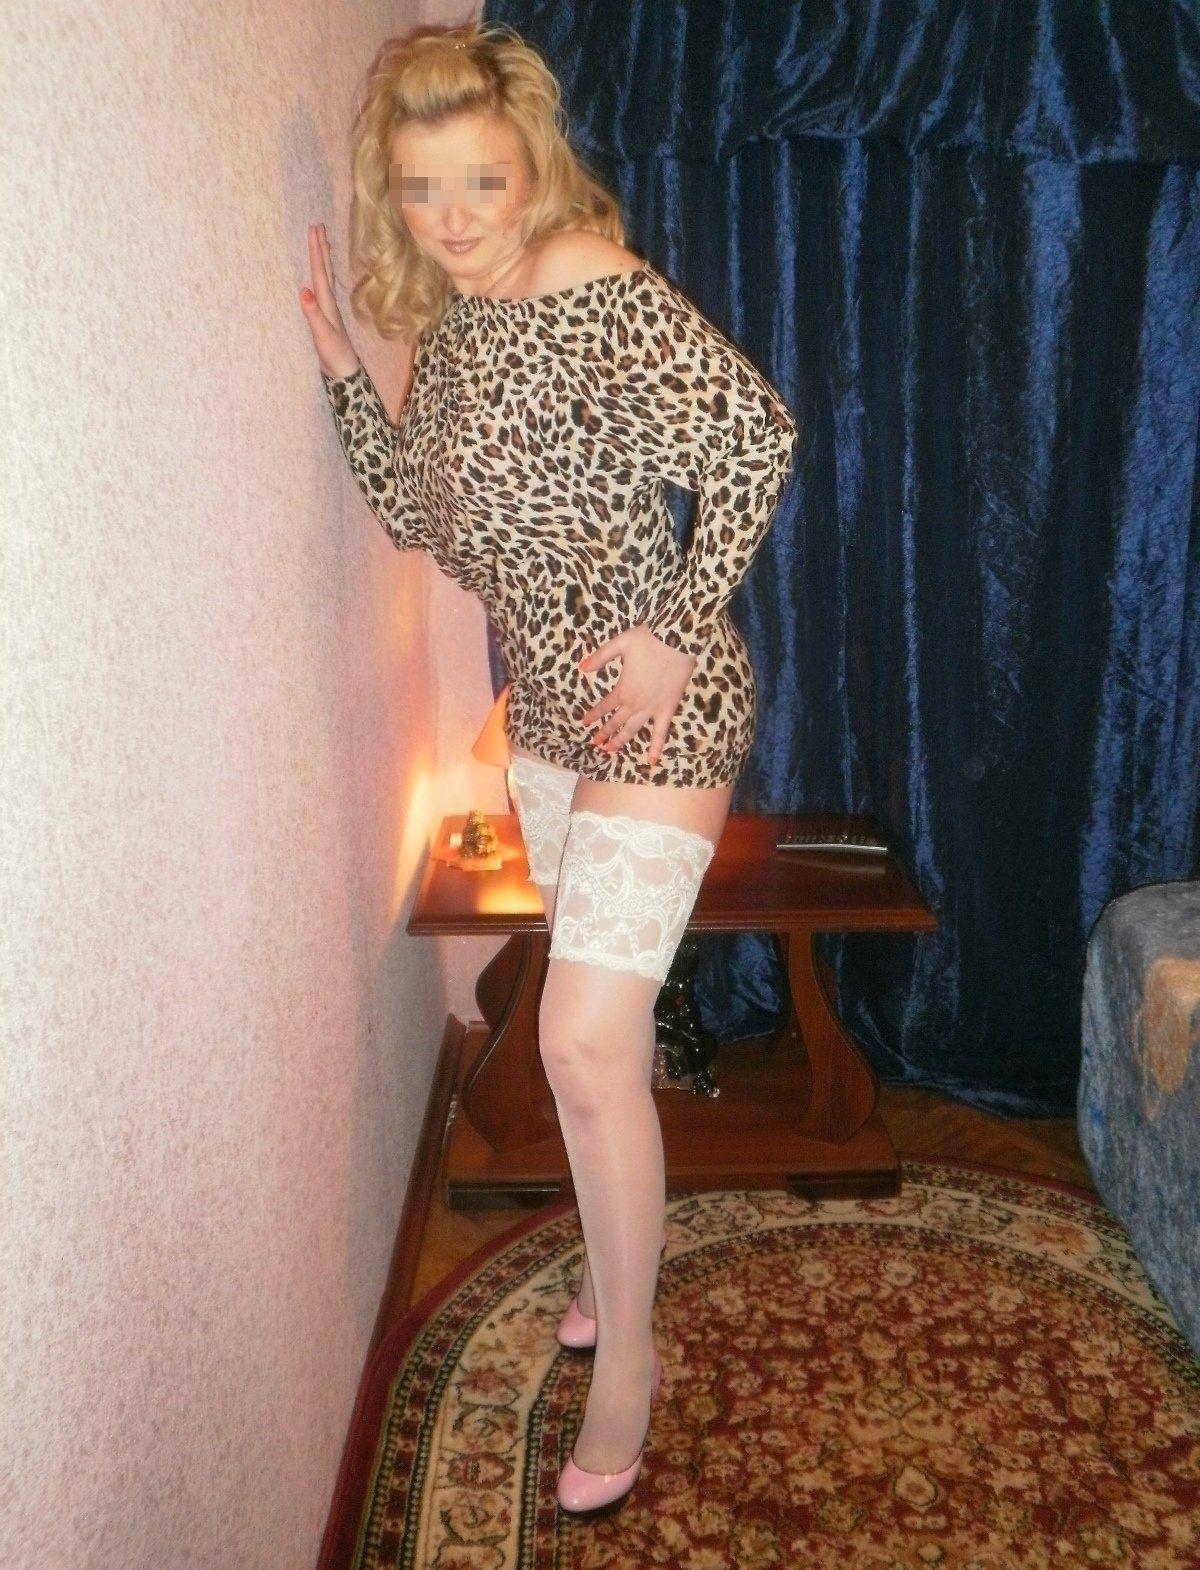 заказ проституток в возрасте в ижевске жанры это